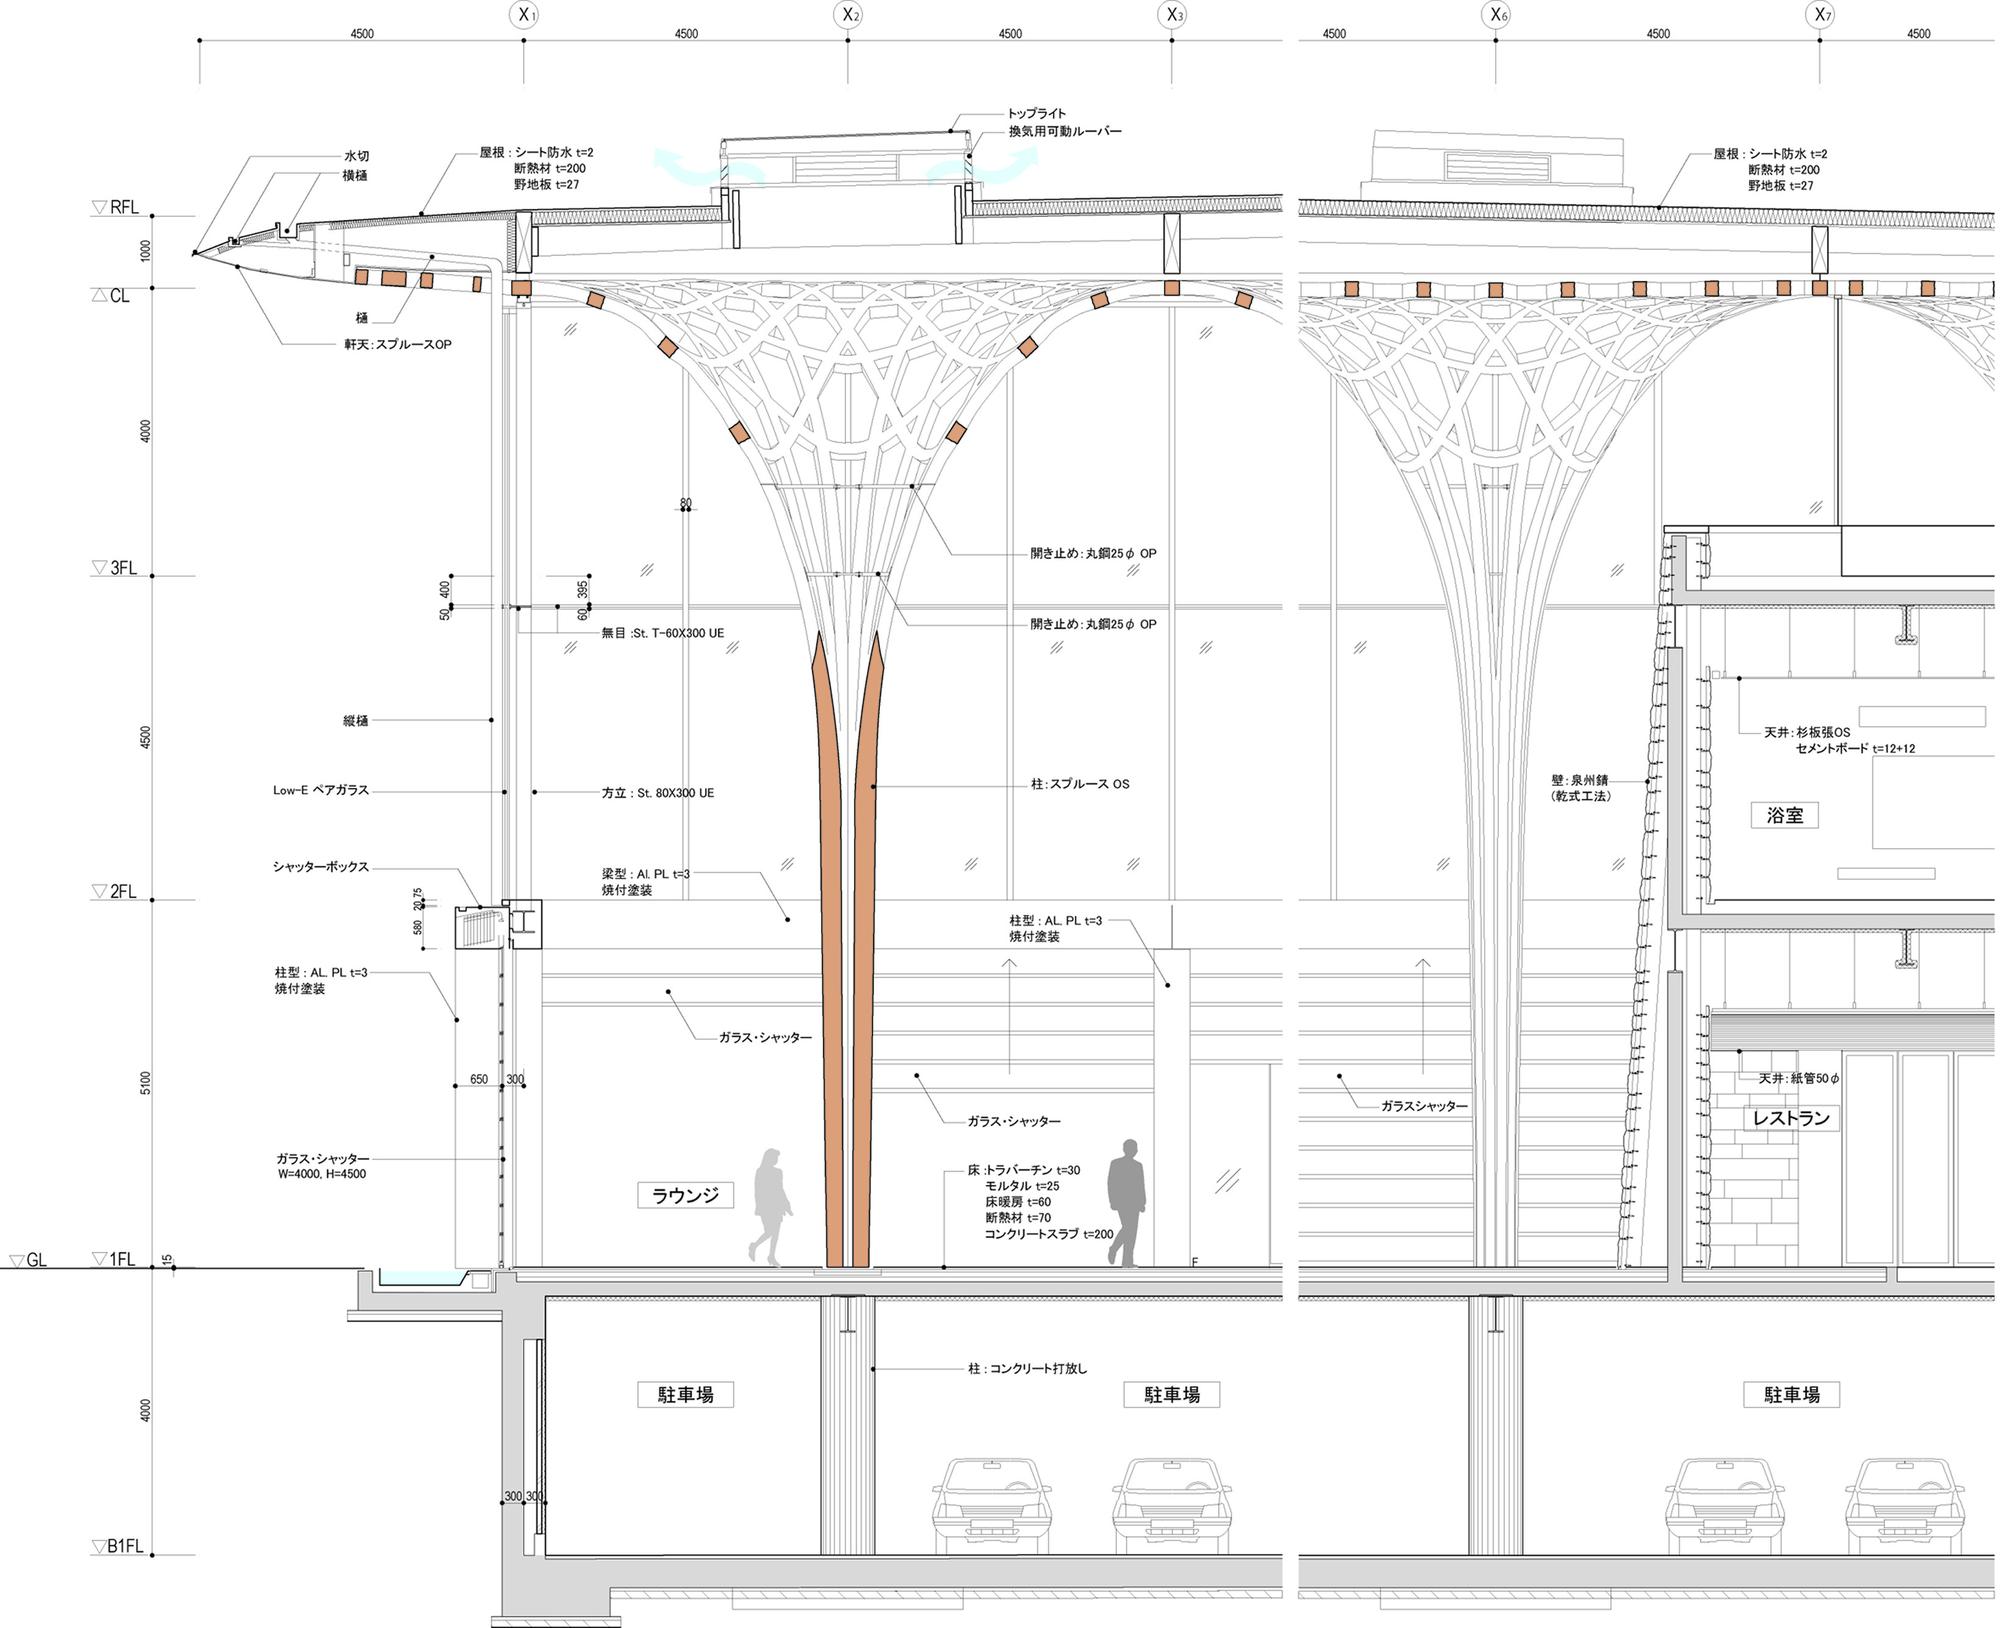 Chi tiết cấu trúc cột